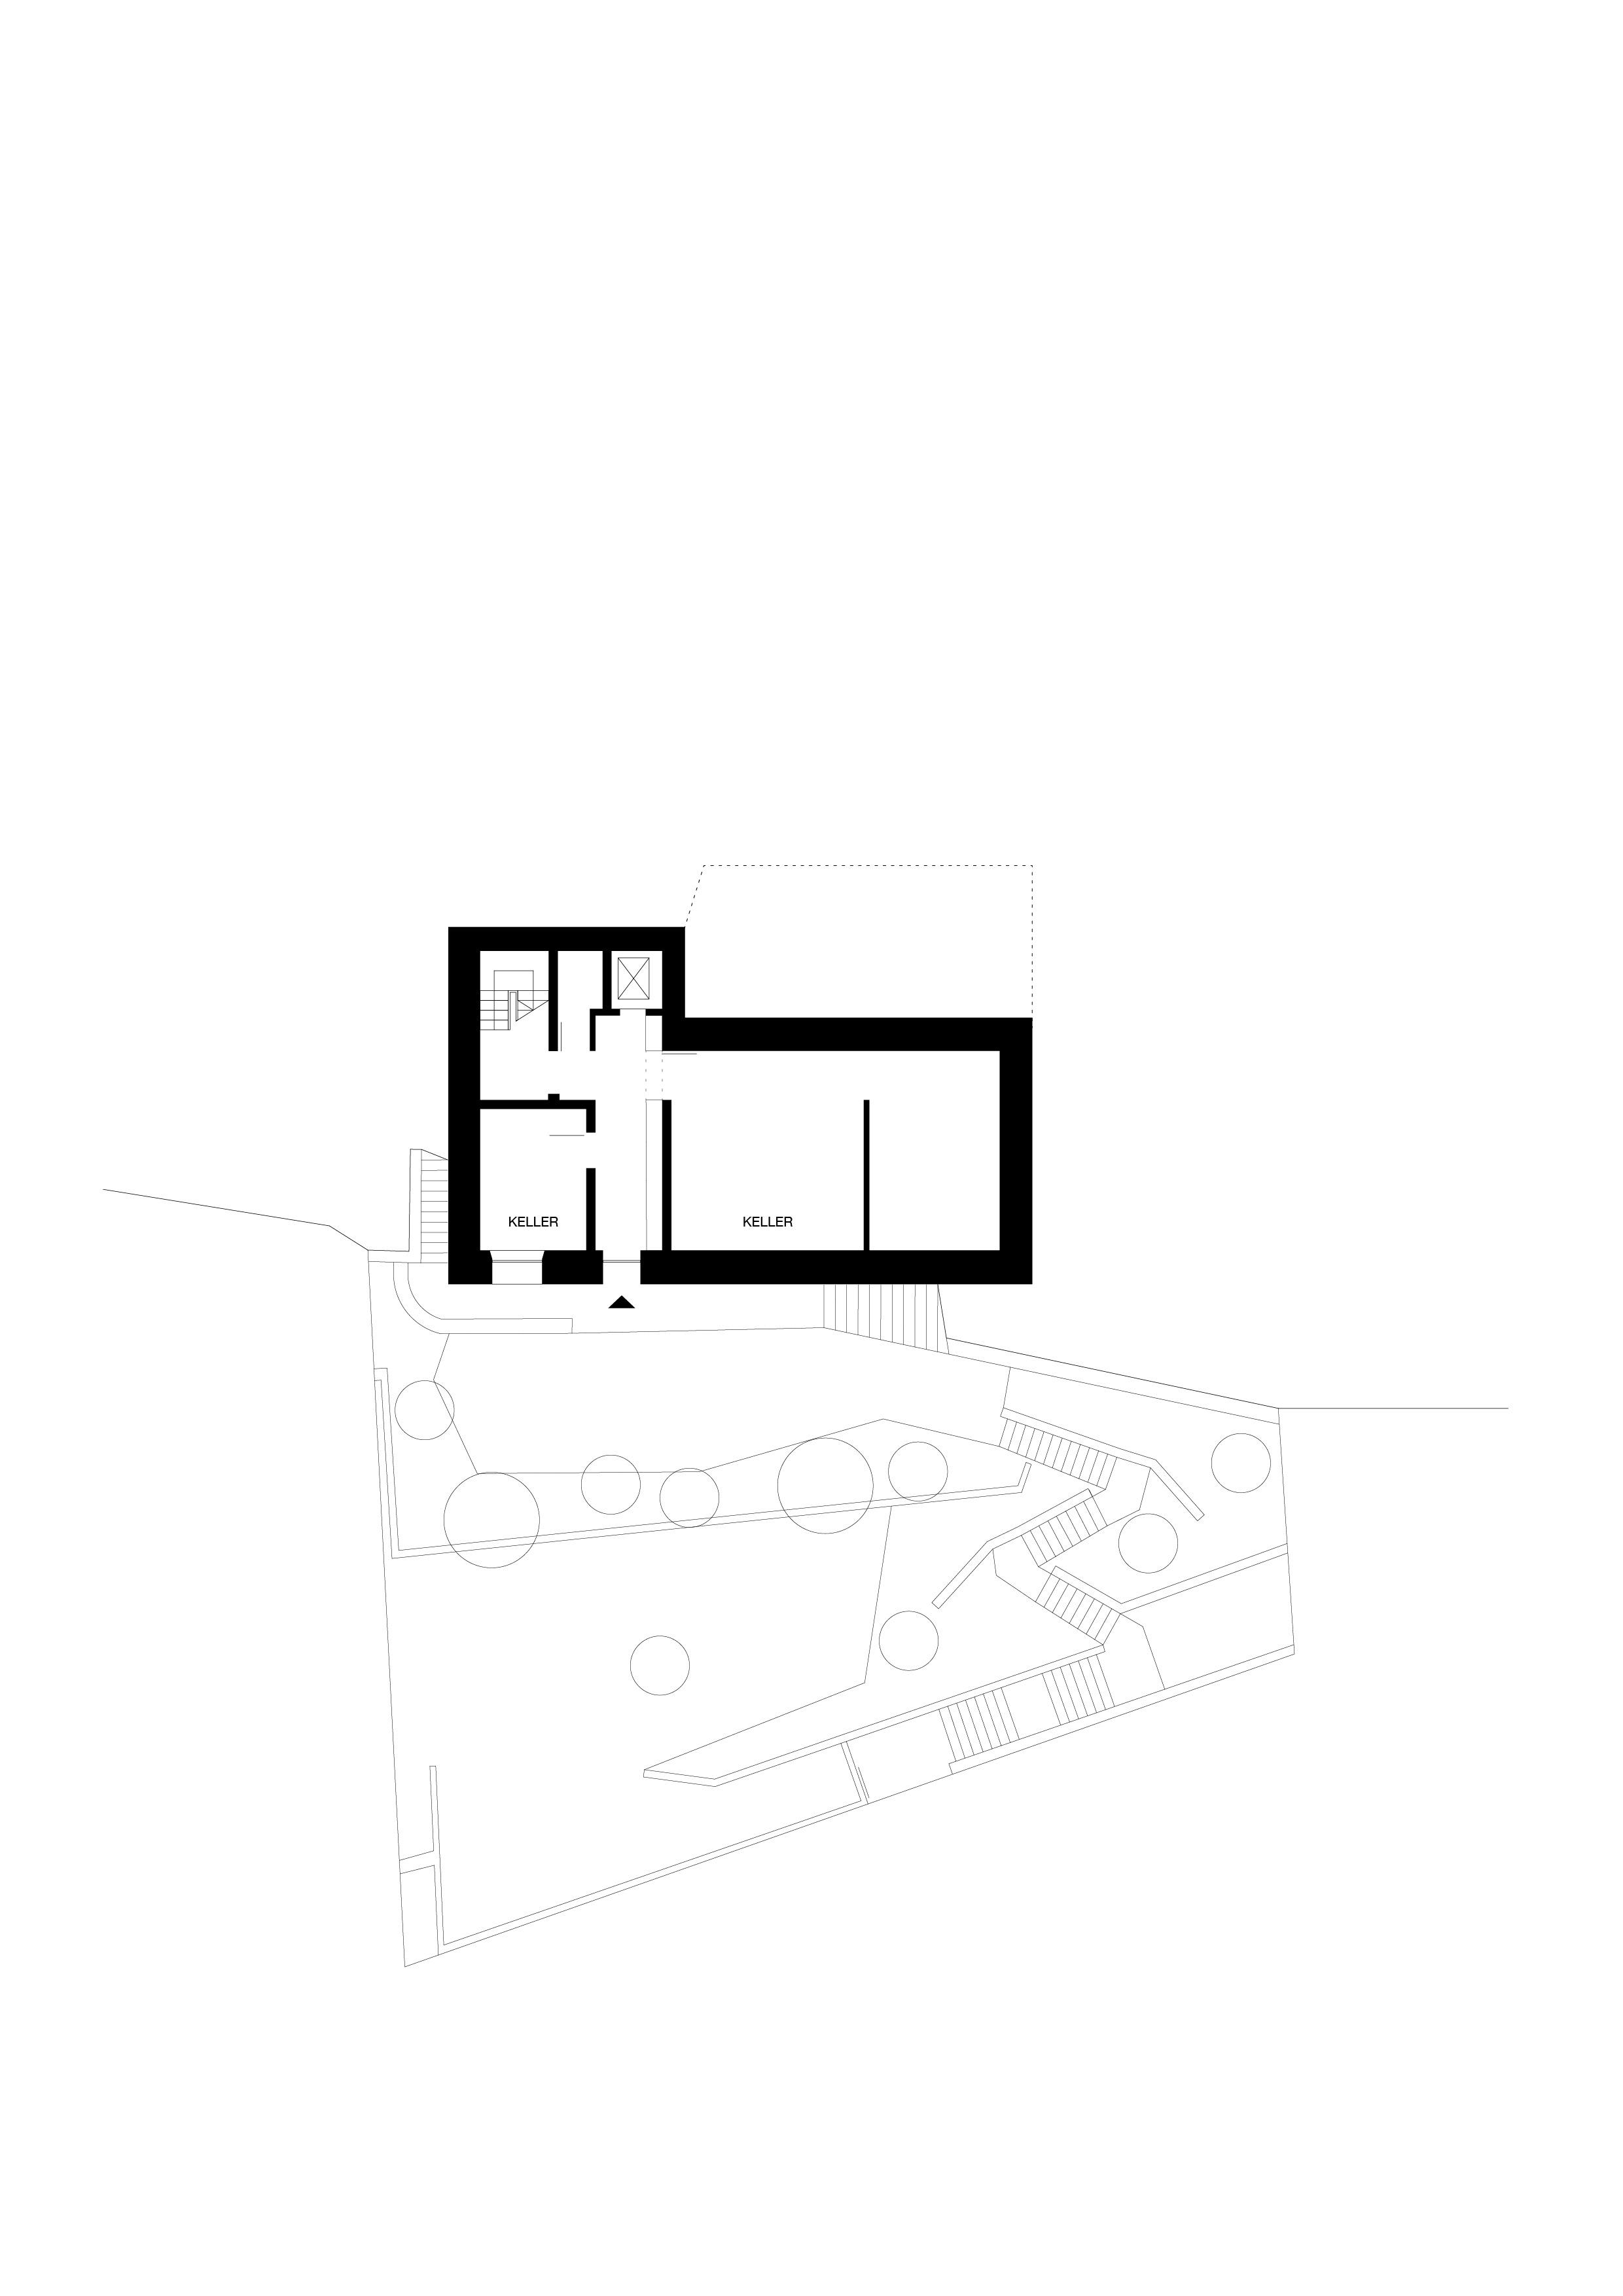 Basement Yonder - Architektur und Design}